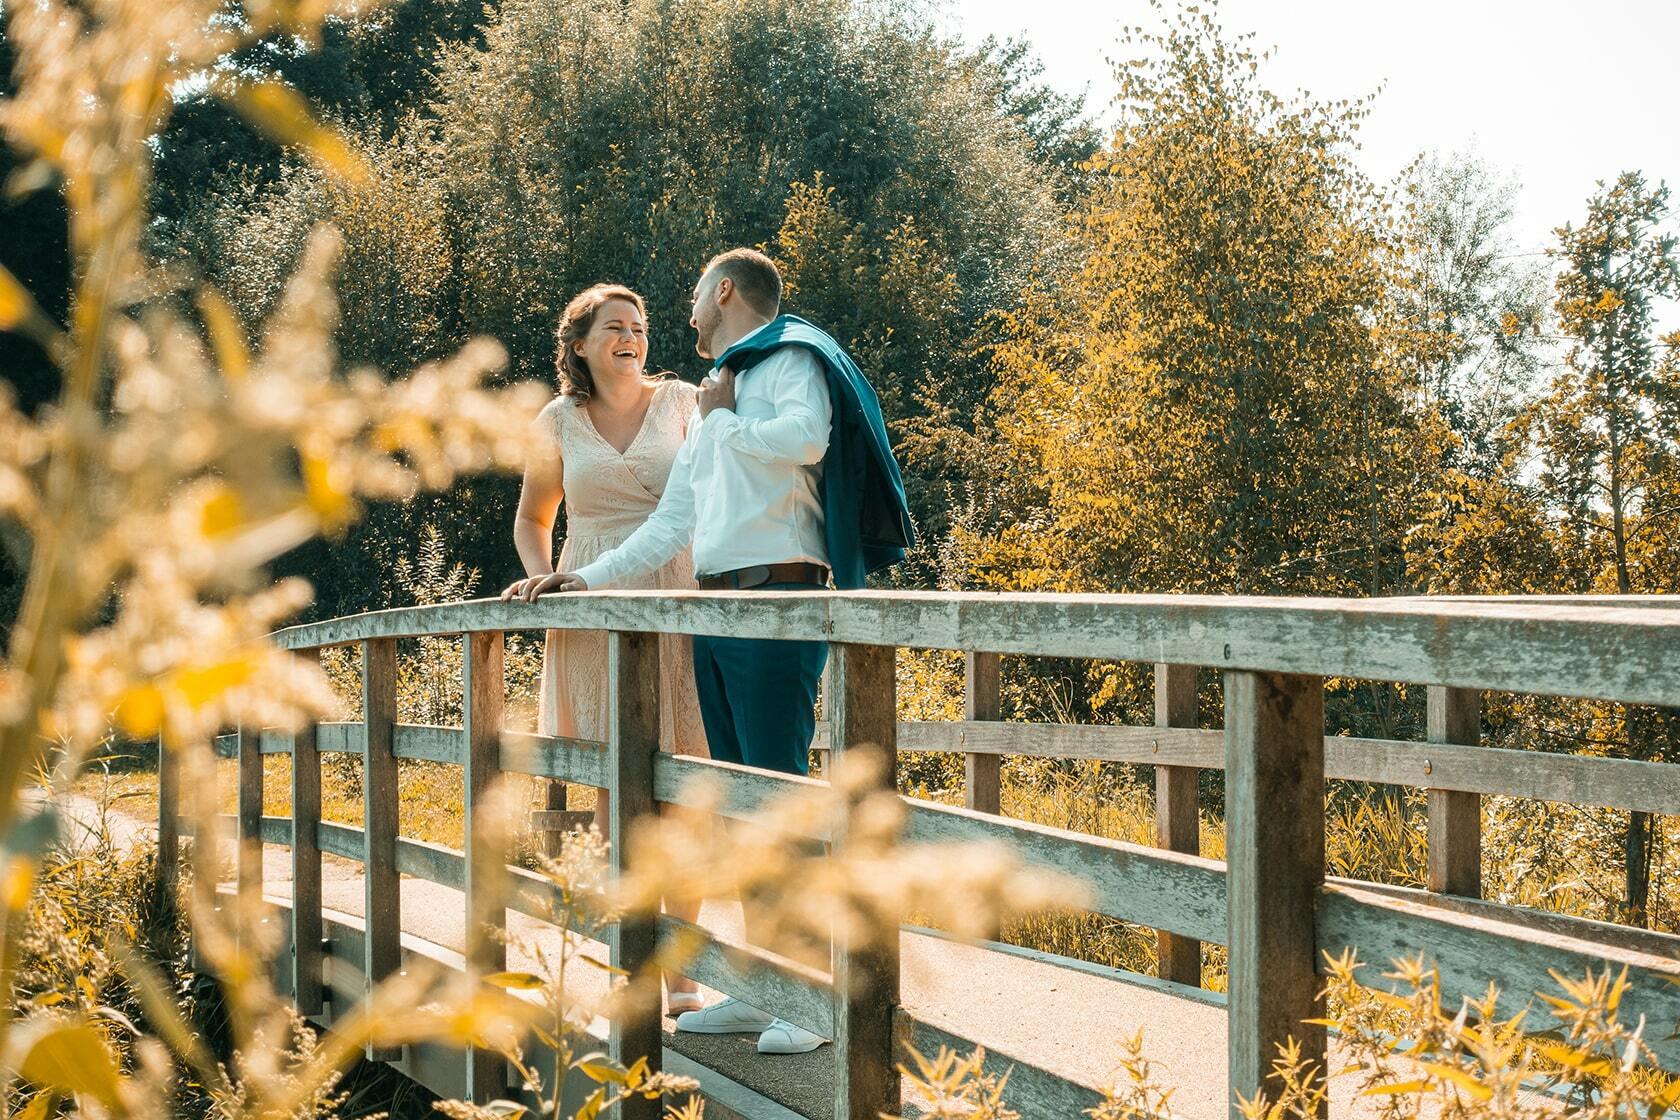 Foto van een stel van een bruiloft feest uit fotografie collectie mensen van Simon Wijers